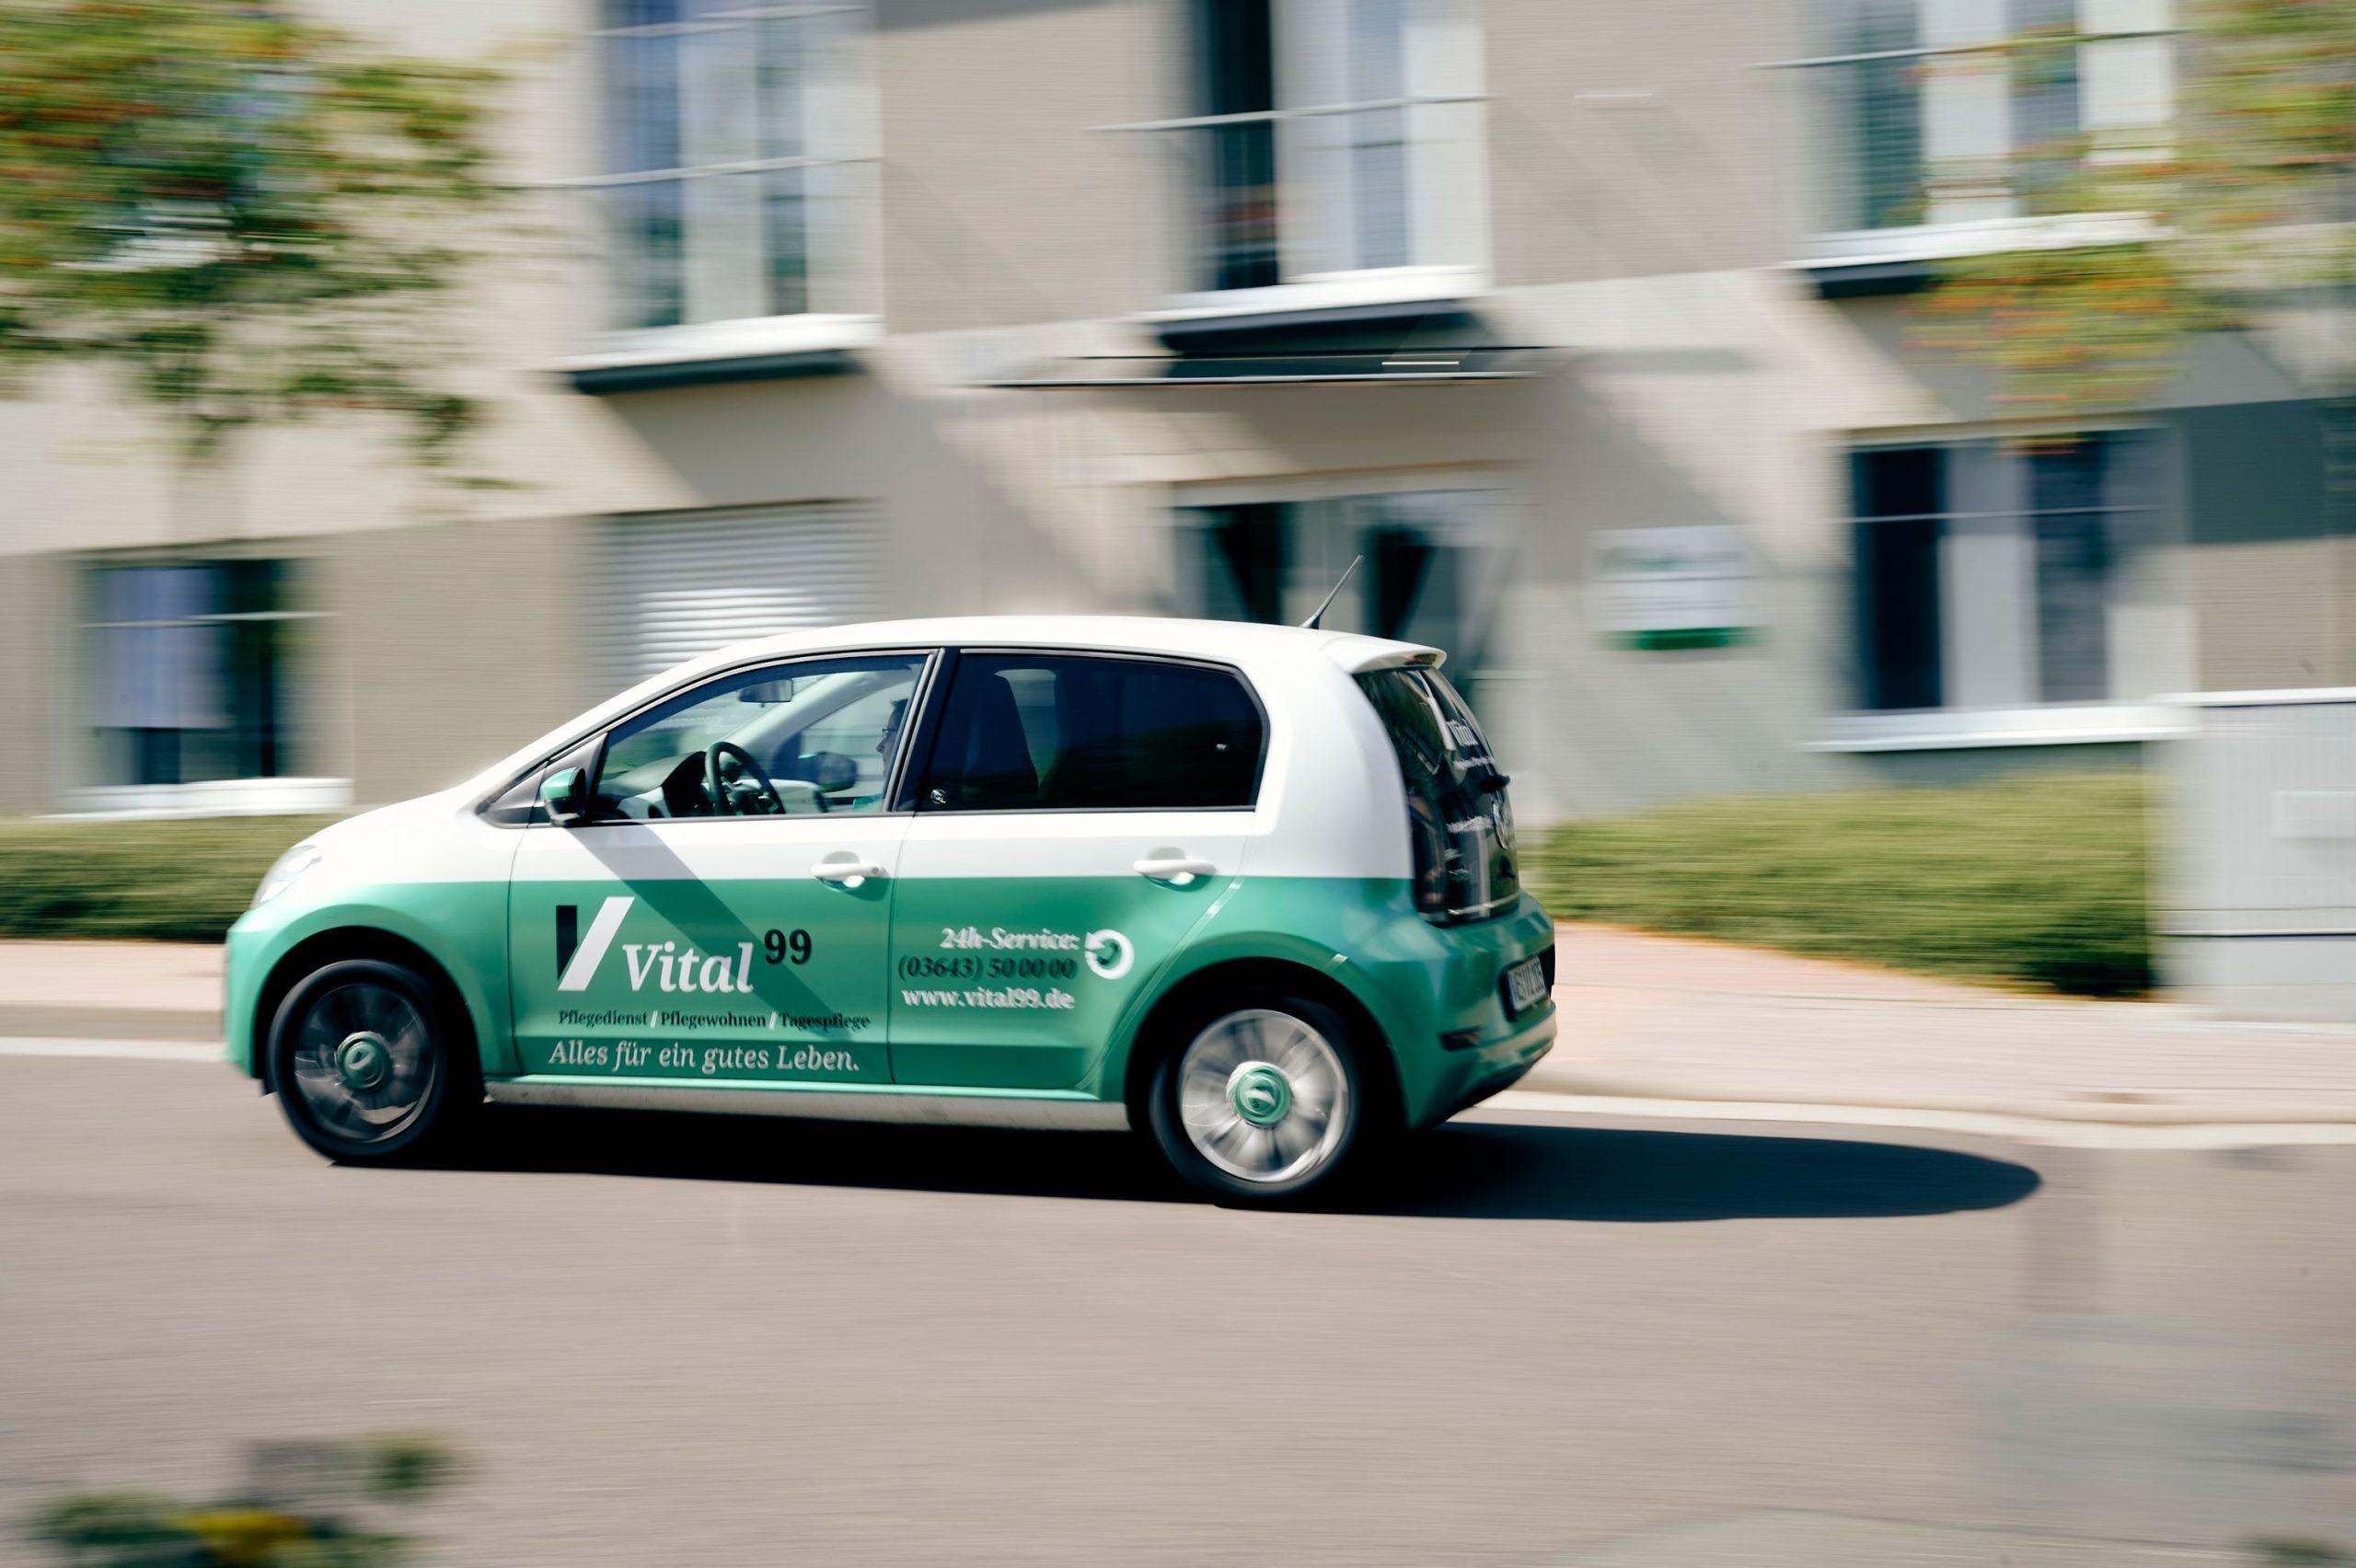 Foto Firmenwagen Vital 99